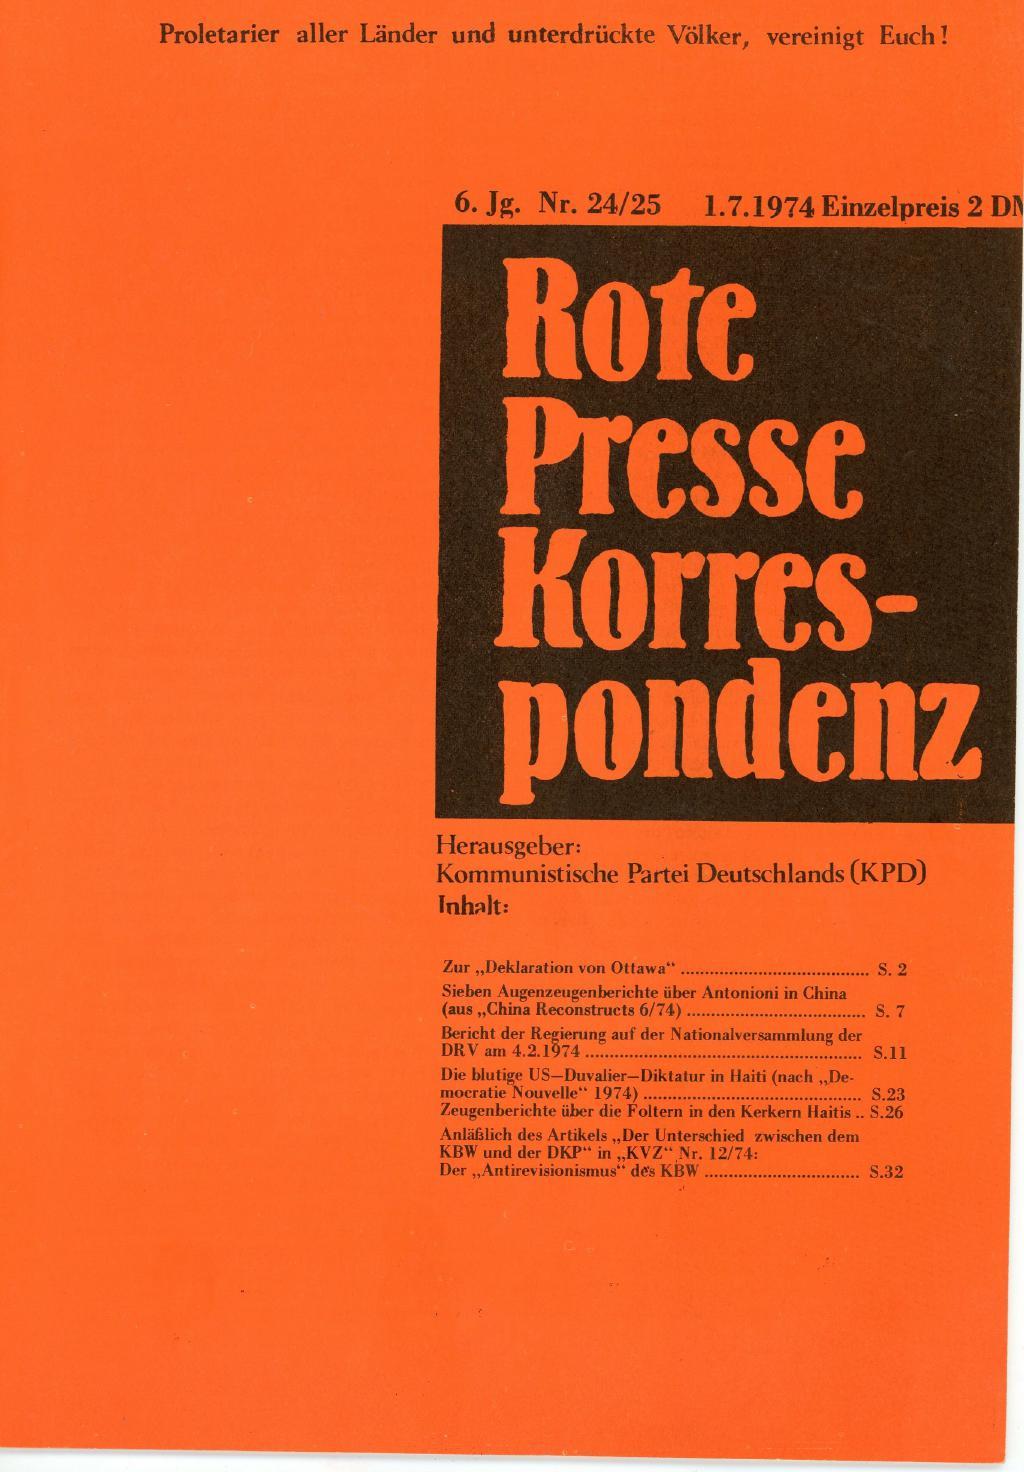 RPK_1974_24_25_01